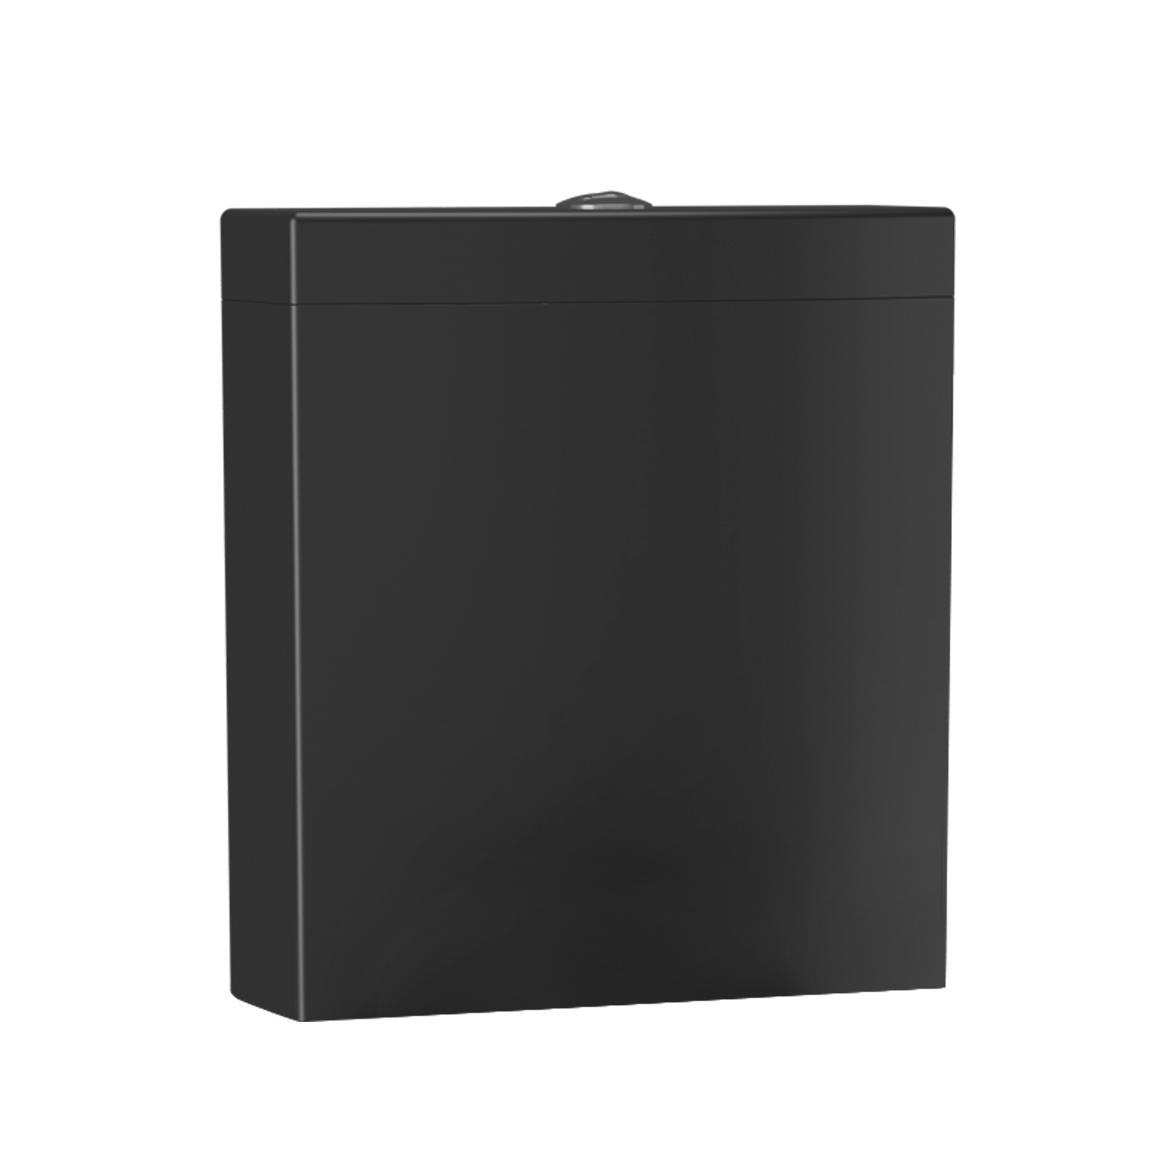 Creavit Lara toiletreservoir mat zwart